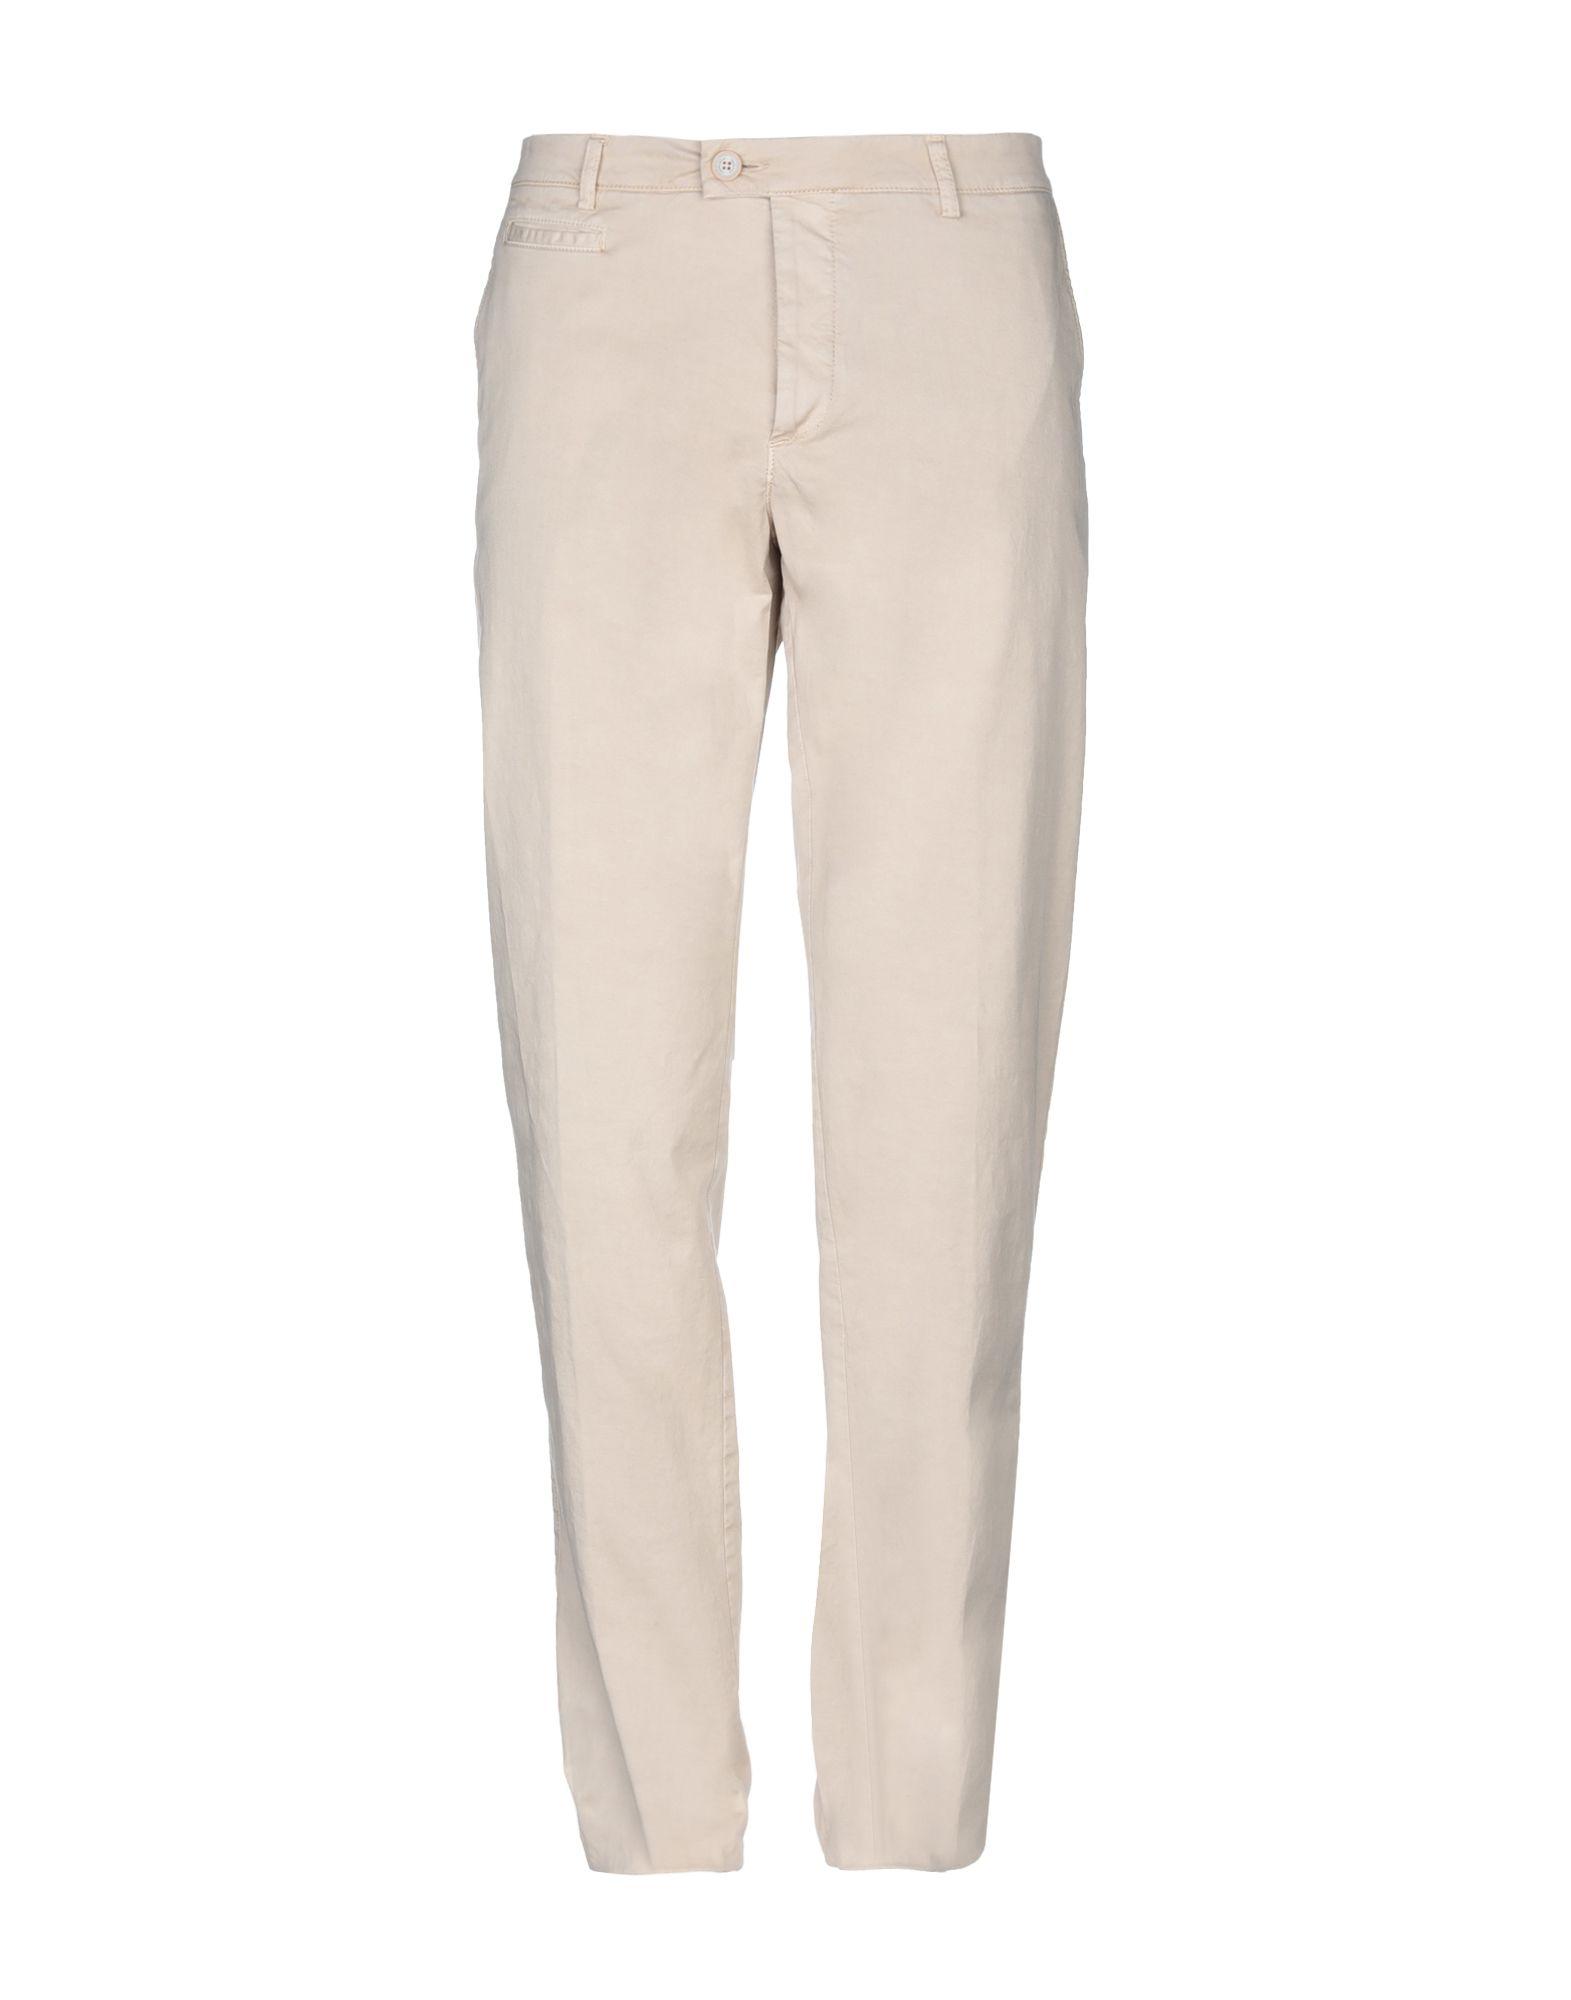 《セール開催中》CAVALLERIA TOSCANA メンズ パンツ ベージュ 56 コットン 98% / ポリウレタン 2%